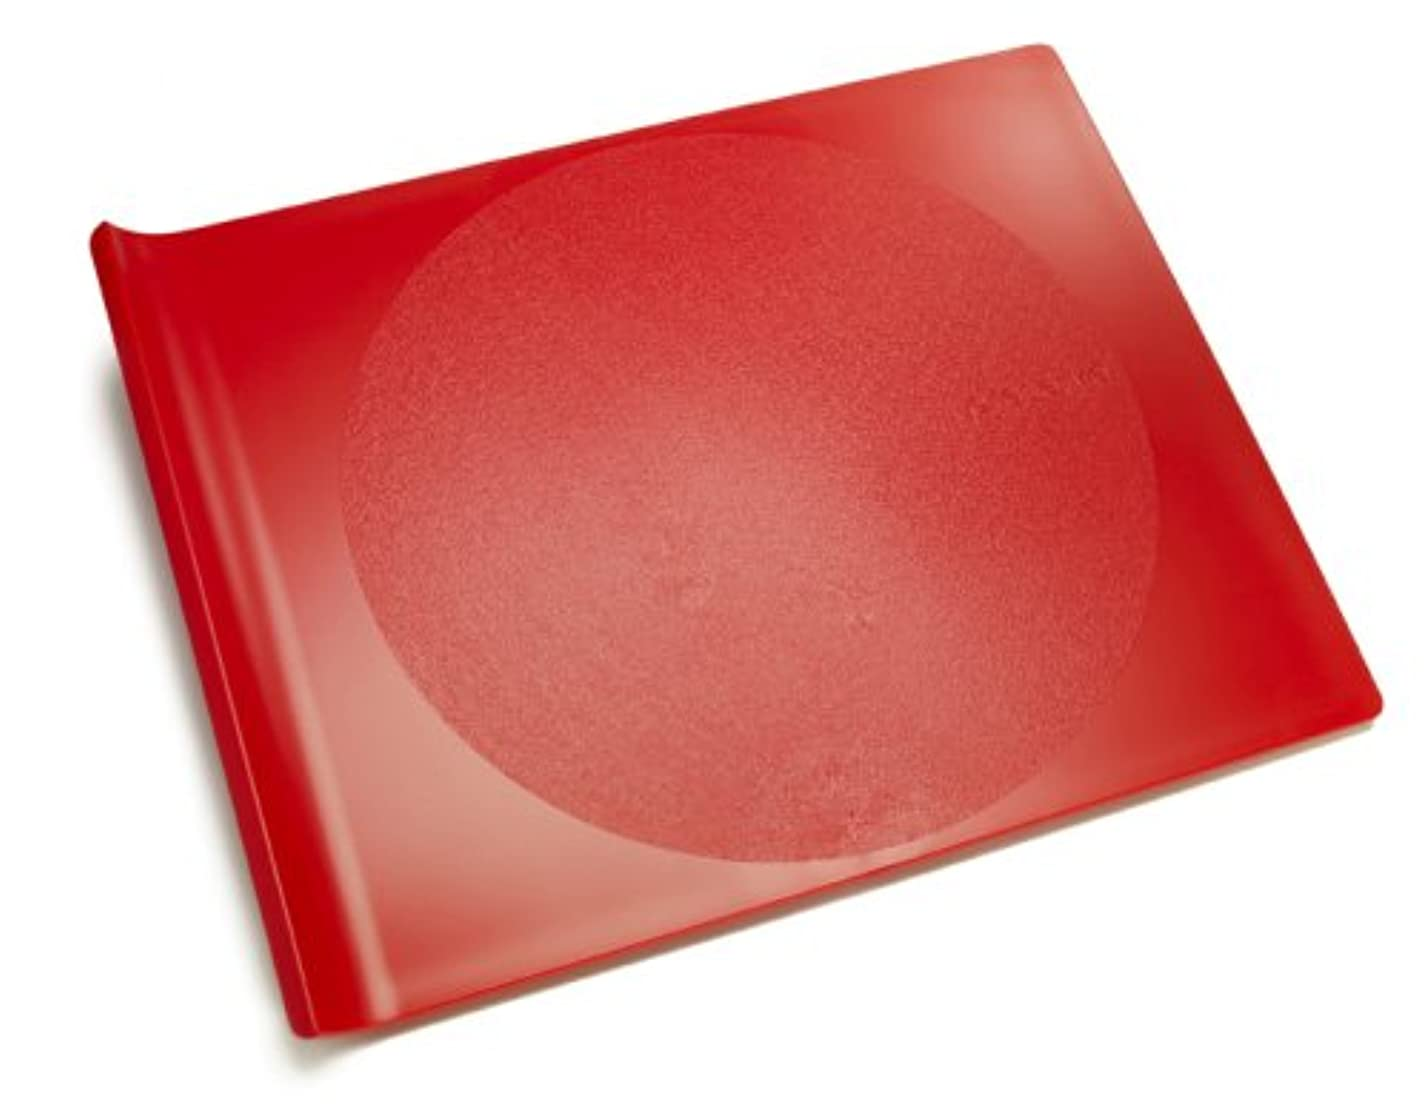 学部明示的に衝突する海外直送品Cutting Board Plastic, Small Red Tomato 1 CT by Preserve